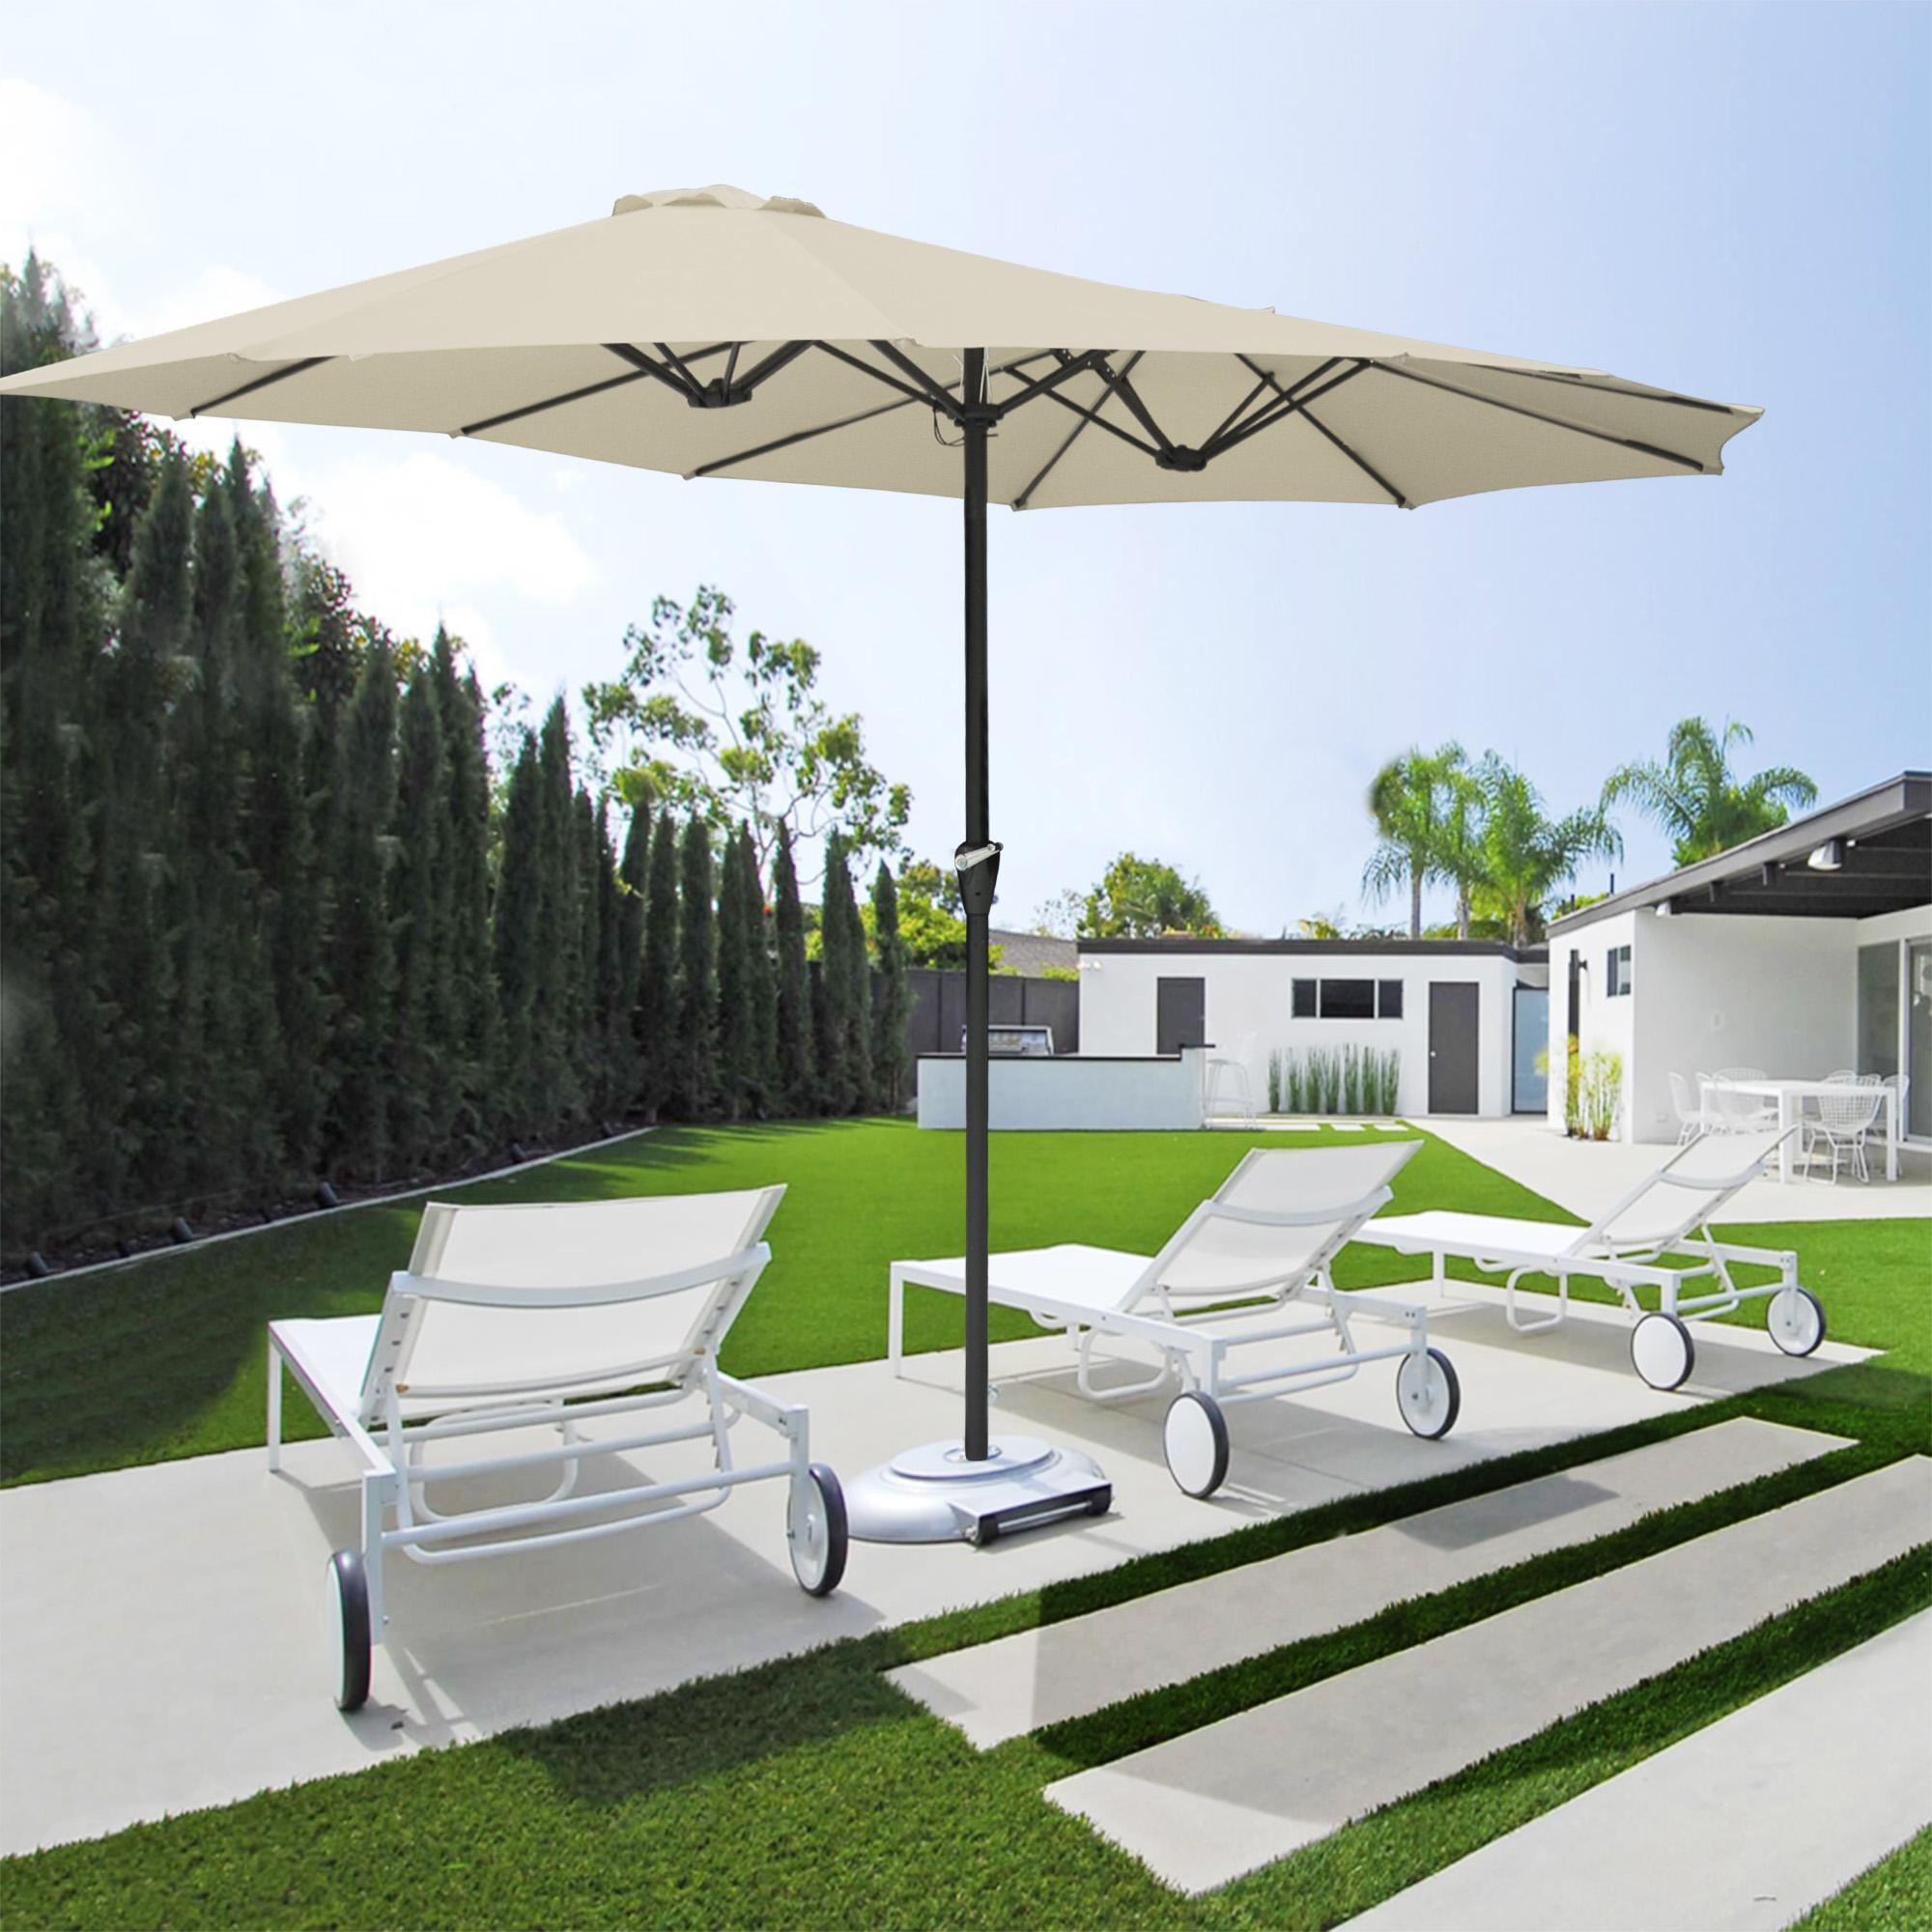 thumbnail 53 - 15ft Patio Twin Umbrella Double-sided Market Crank Outdoor Garden Parasol Shade